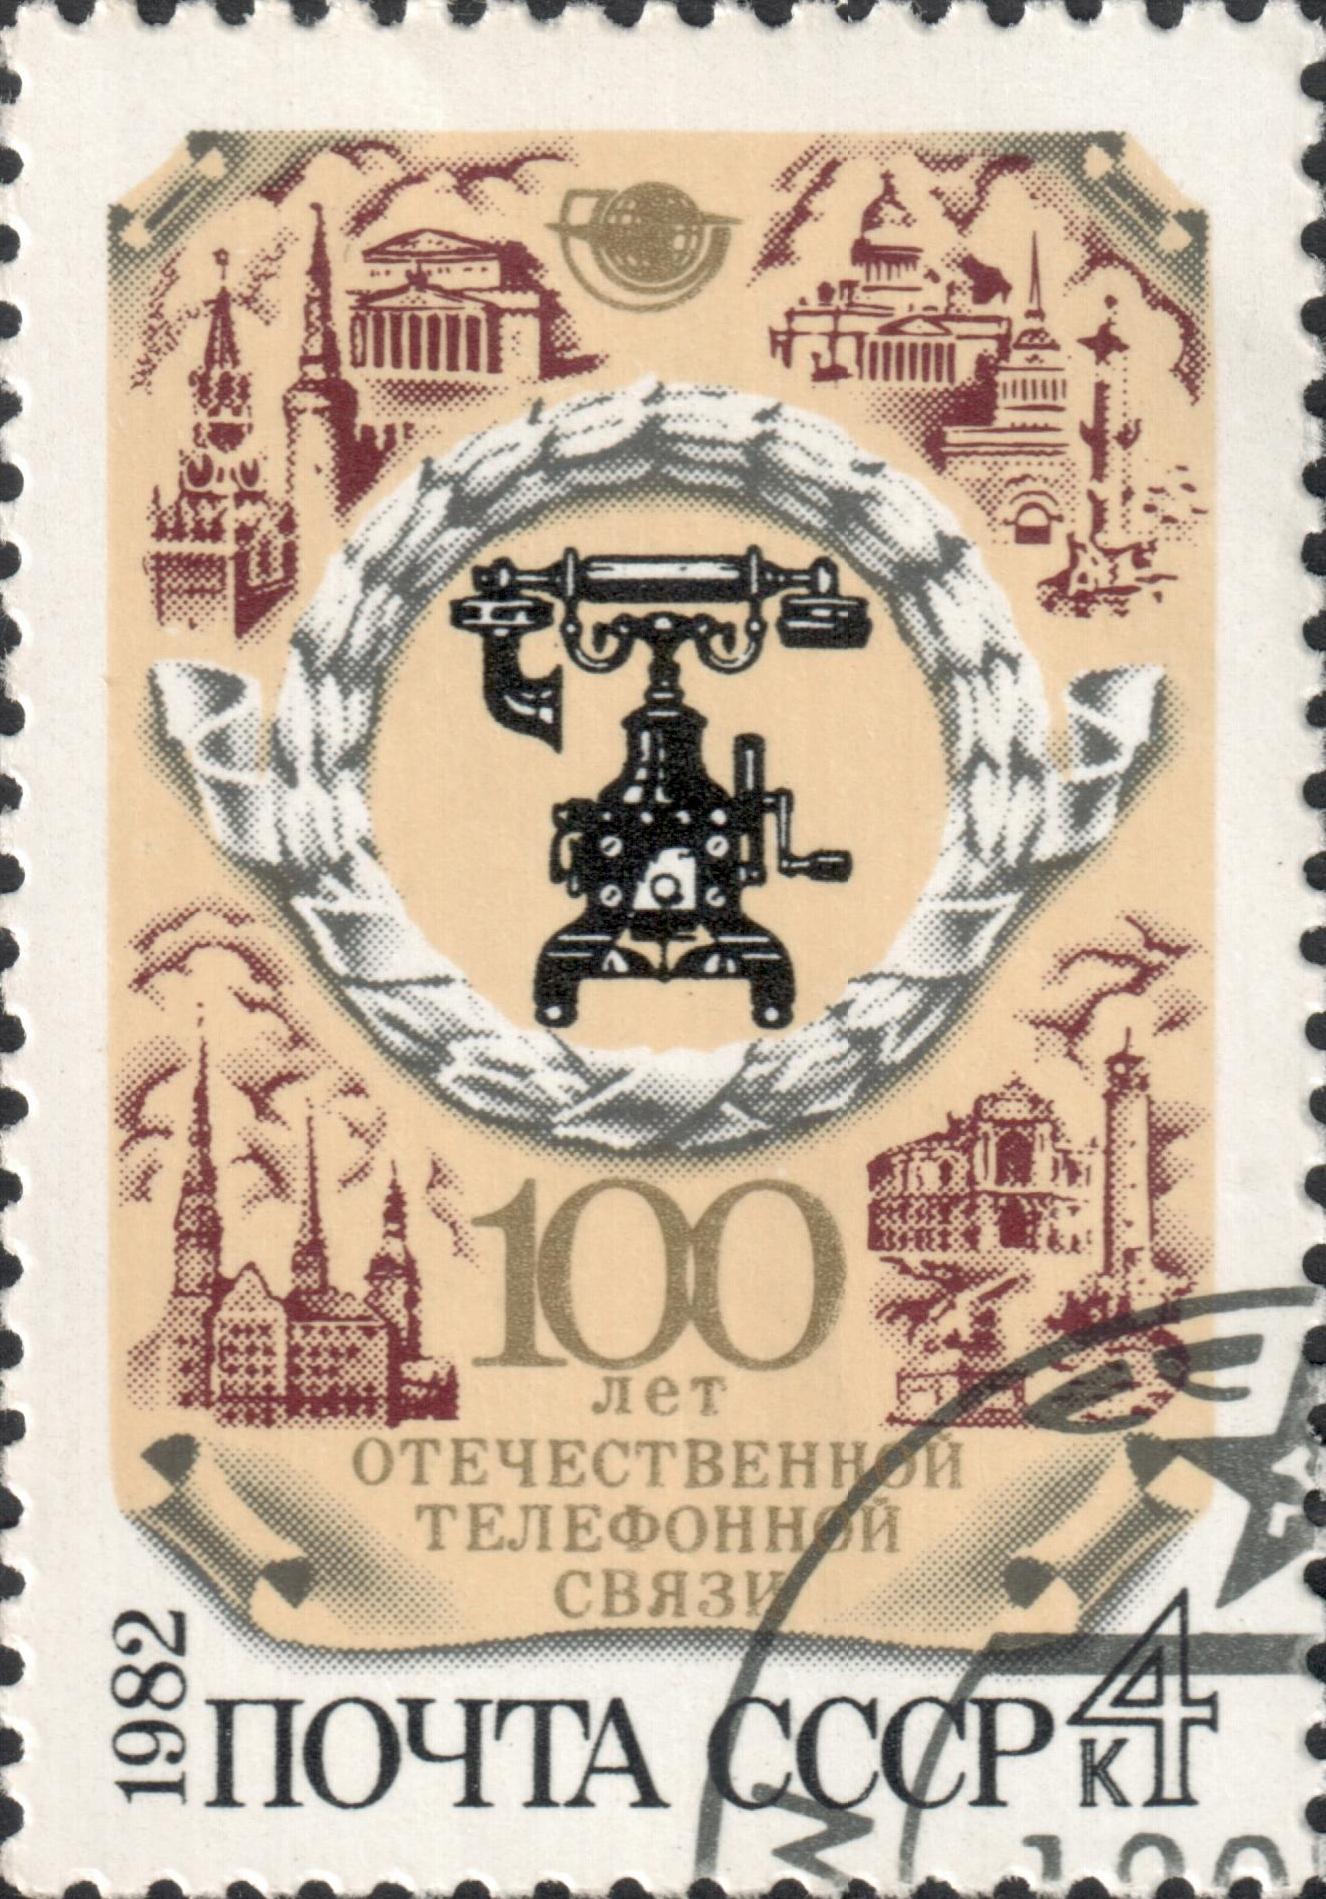 100 лет Отечественной телефонной связи